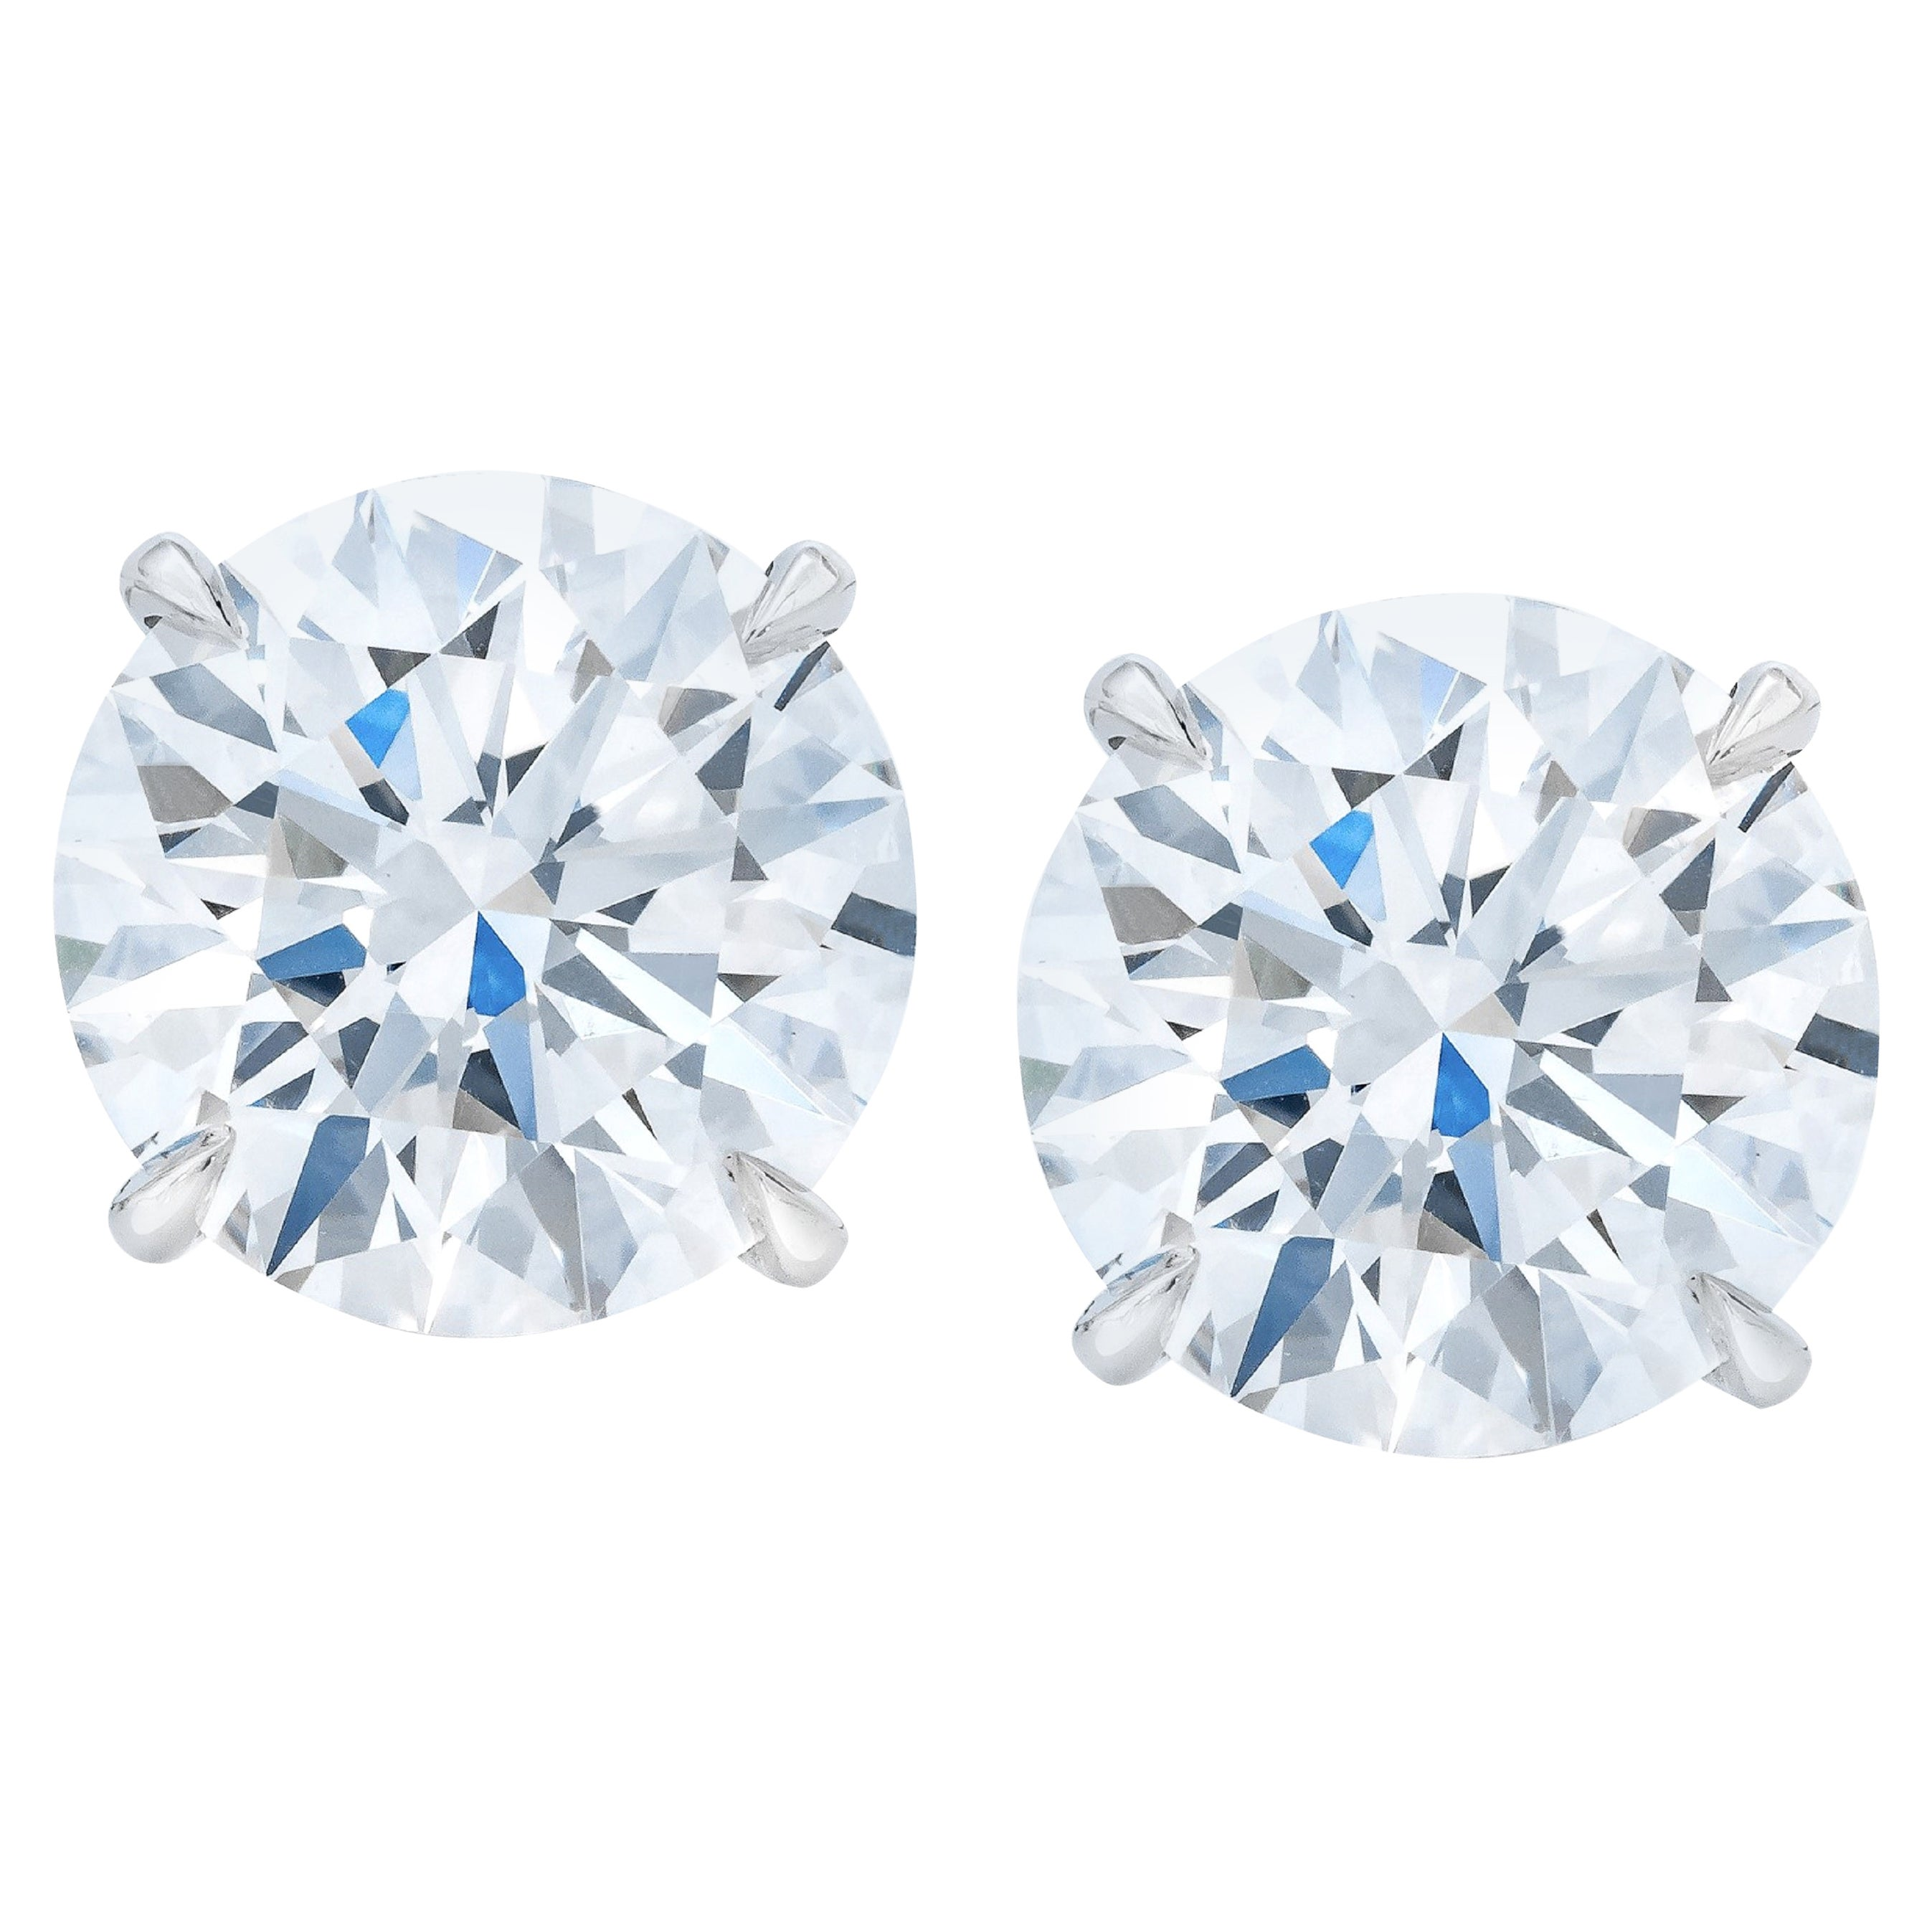 GIA Certified 6.02 Carat VS Clarity E/F Color Round Brilliant Cut Diamonds